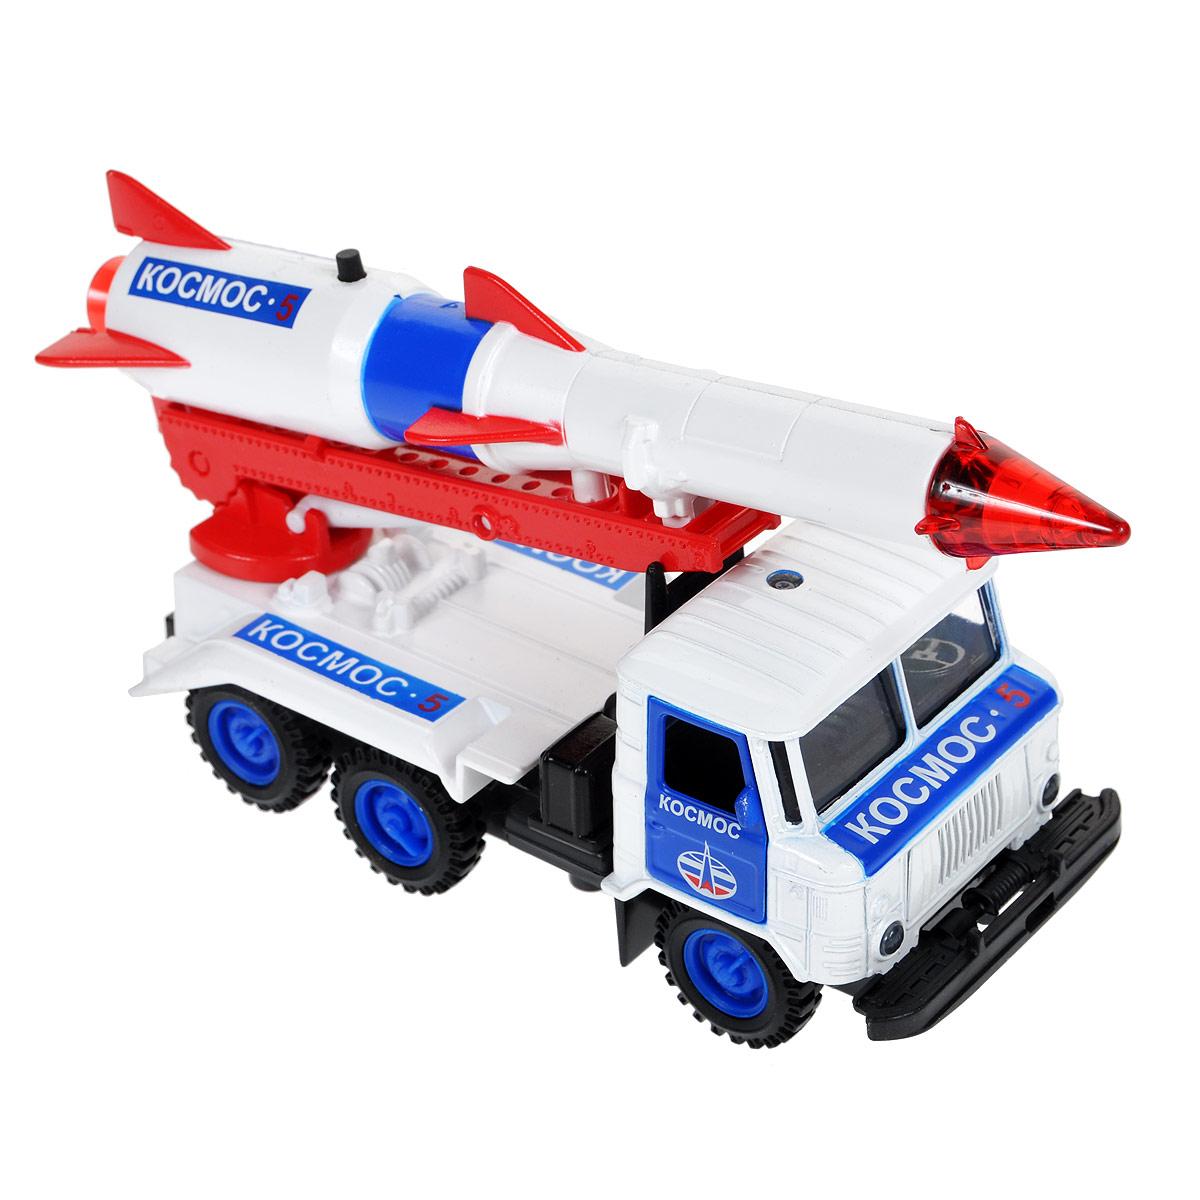 ТехноПарк Машинка инерционная ГАЗ 66 с ракетой Космос трейлер технопарк с ракетой